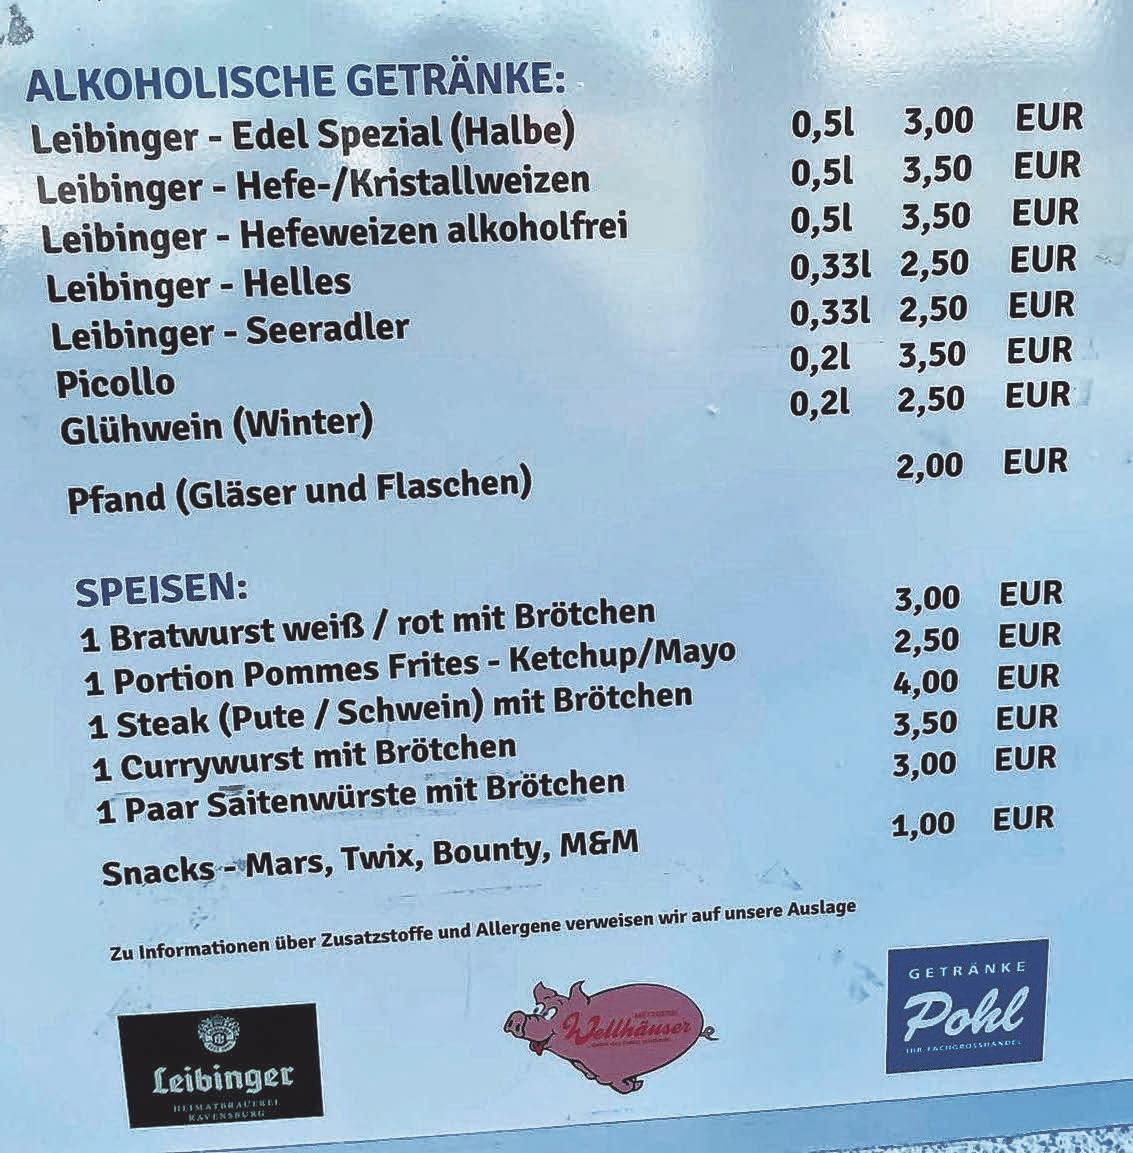 Der FV hat die Preise für Speisen und Getränke in der Cteam-Arena nicht erhöht. Die Stadionwurst kostet weiter 3 Euro.